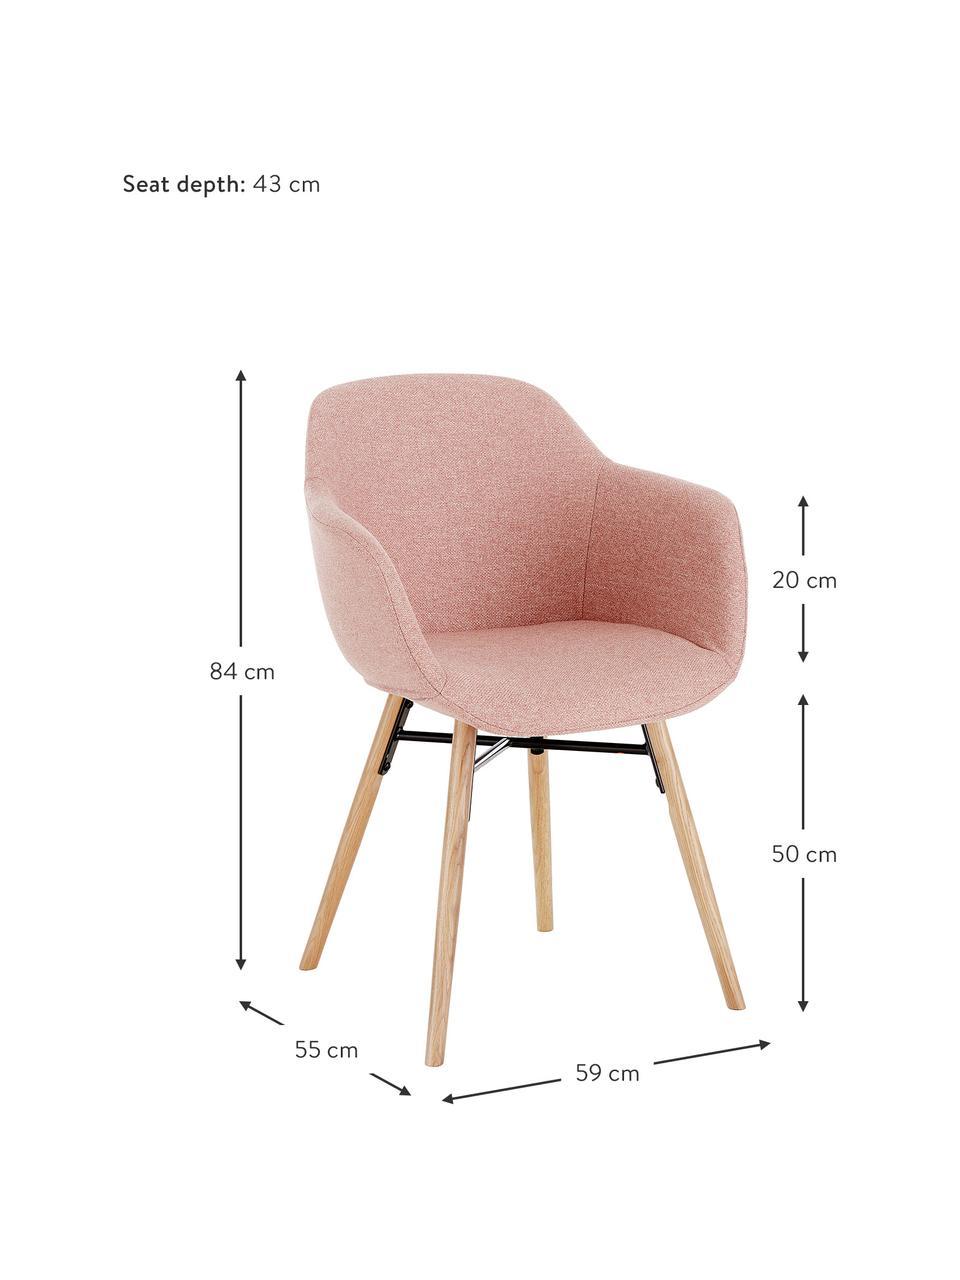 Sedia con braccioli con gambe in legno Fiji, Rivestimento: poliestere Con 40.000 cic, Gambe: legno di quercia massicci, Tessuto rosa, legno di quercia, Larg. 59 x Prof. 55 cm